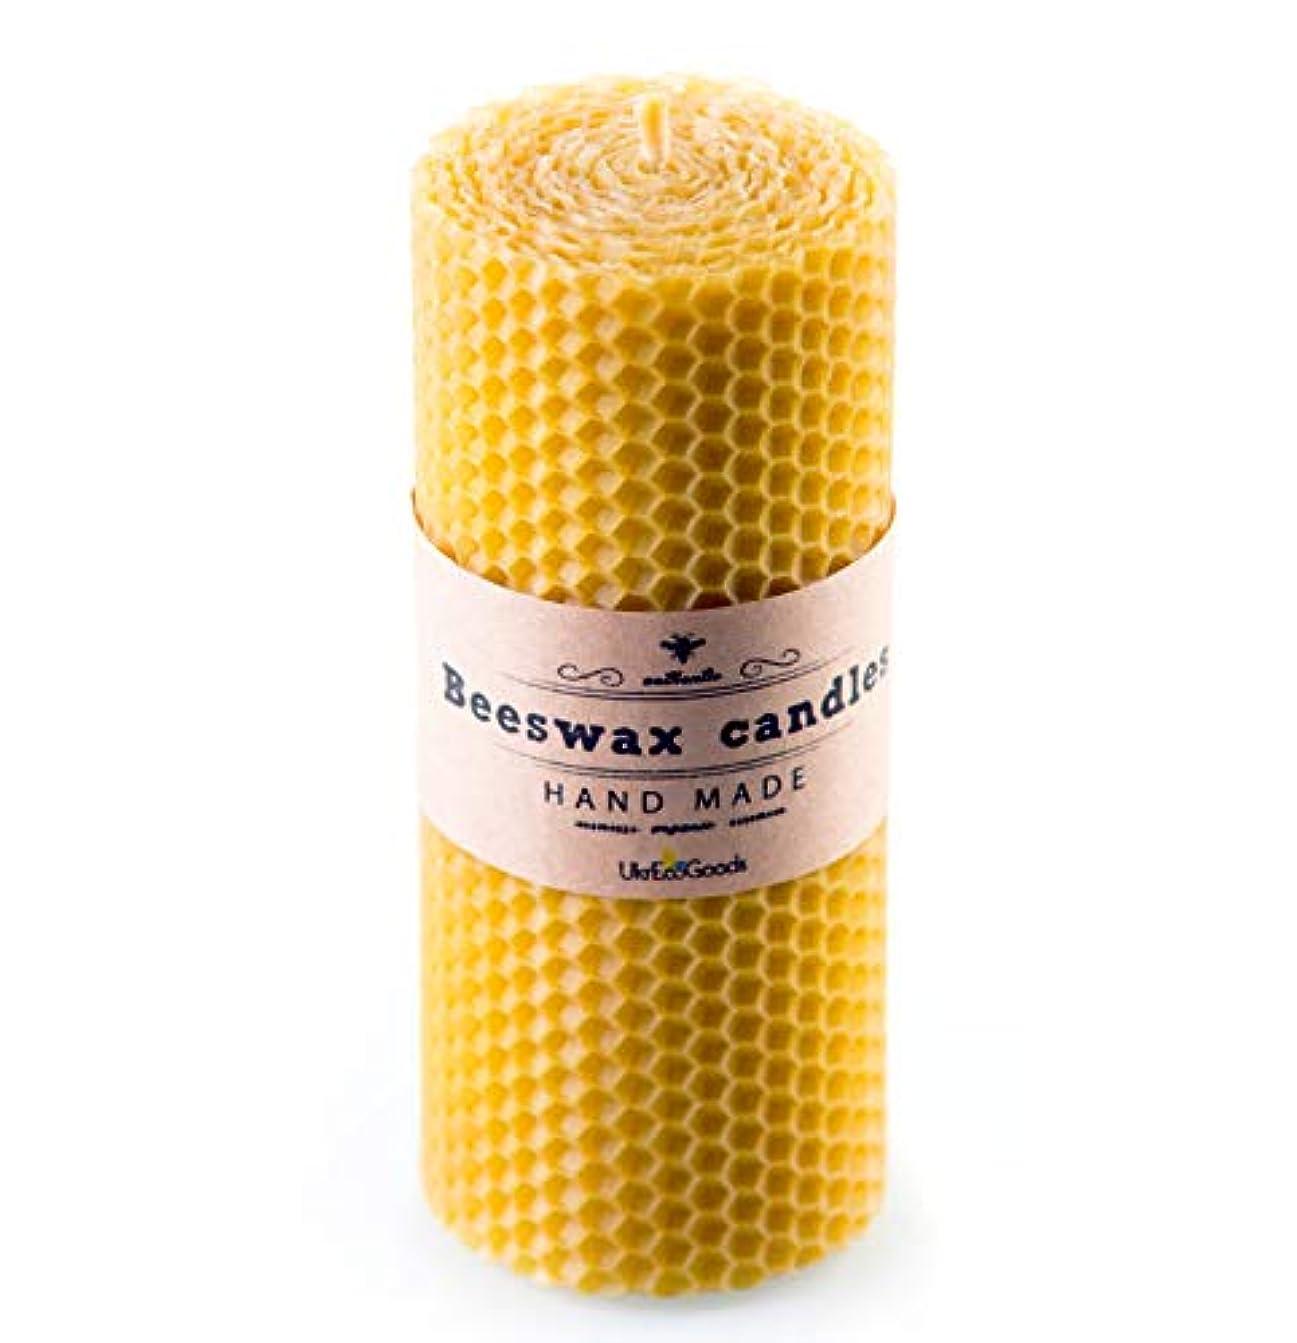 幾分発掘ピニオンUkrEcoGoods Beeswax Candle, 15cm Hand Rolled Pillar candle with pure natural wax scent.